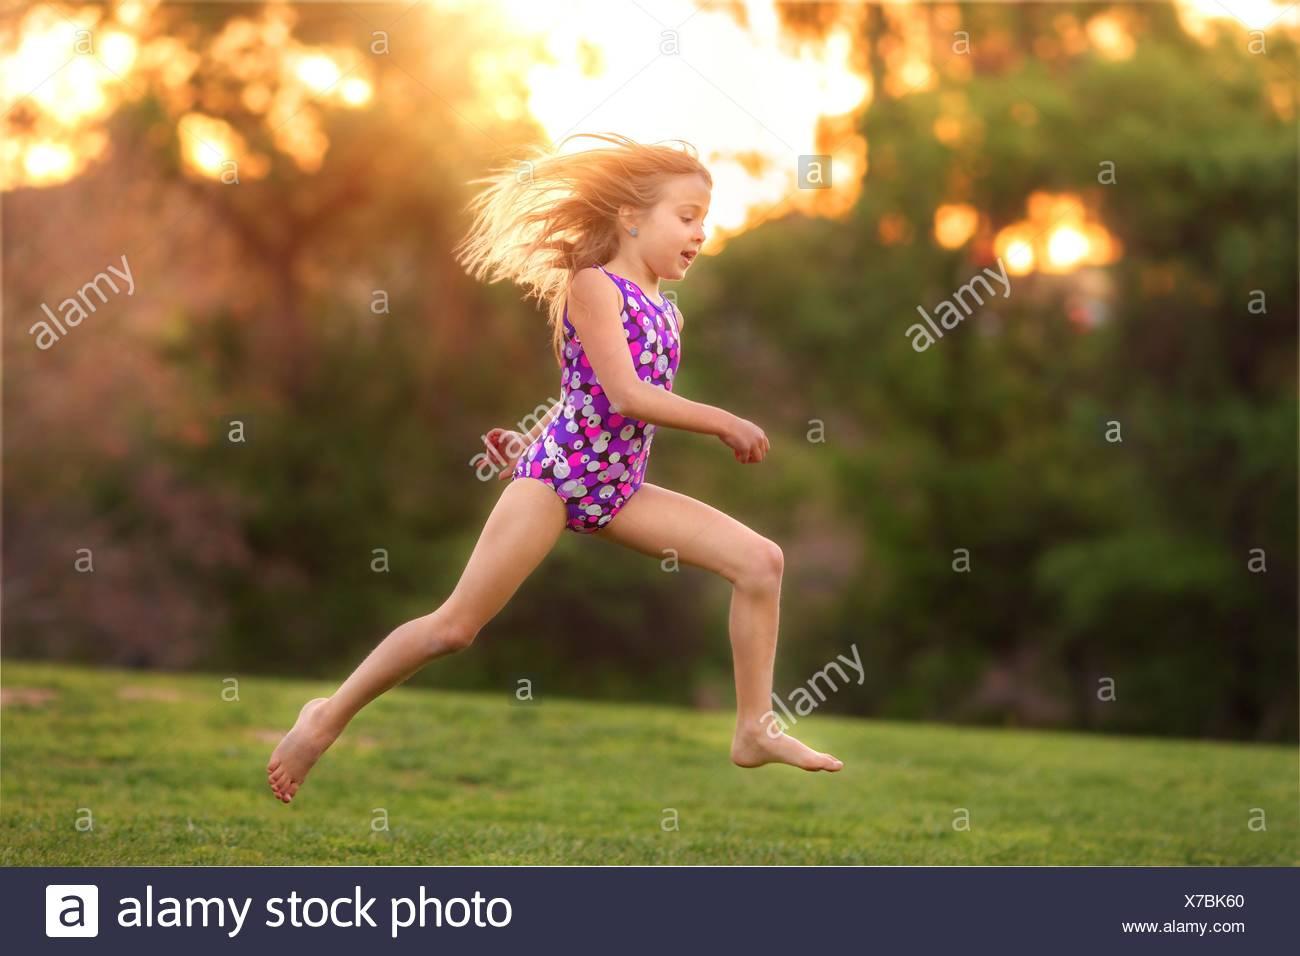 Stati Uniti d'America, bambina (8-9) indossando il costume da bagno il salto nel cortile posteriore Immagini Stock